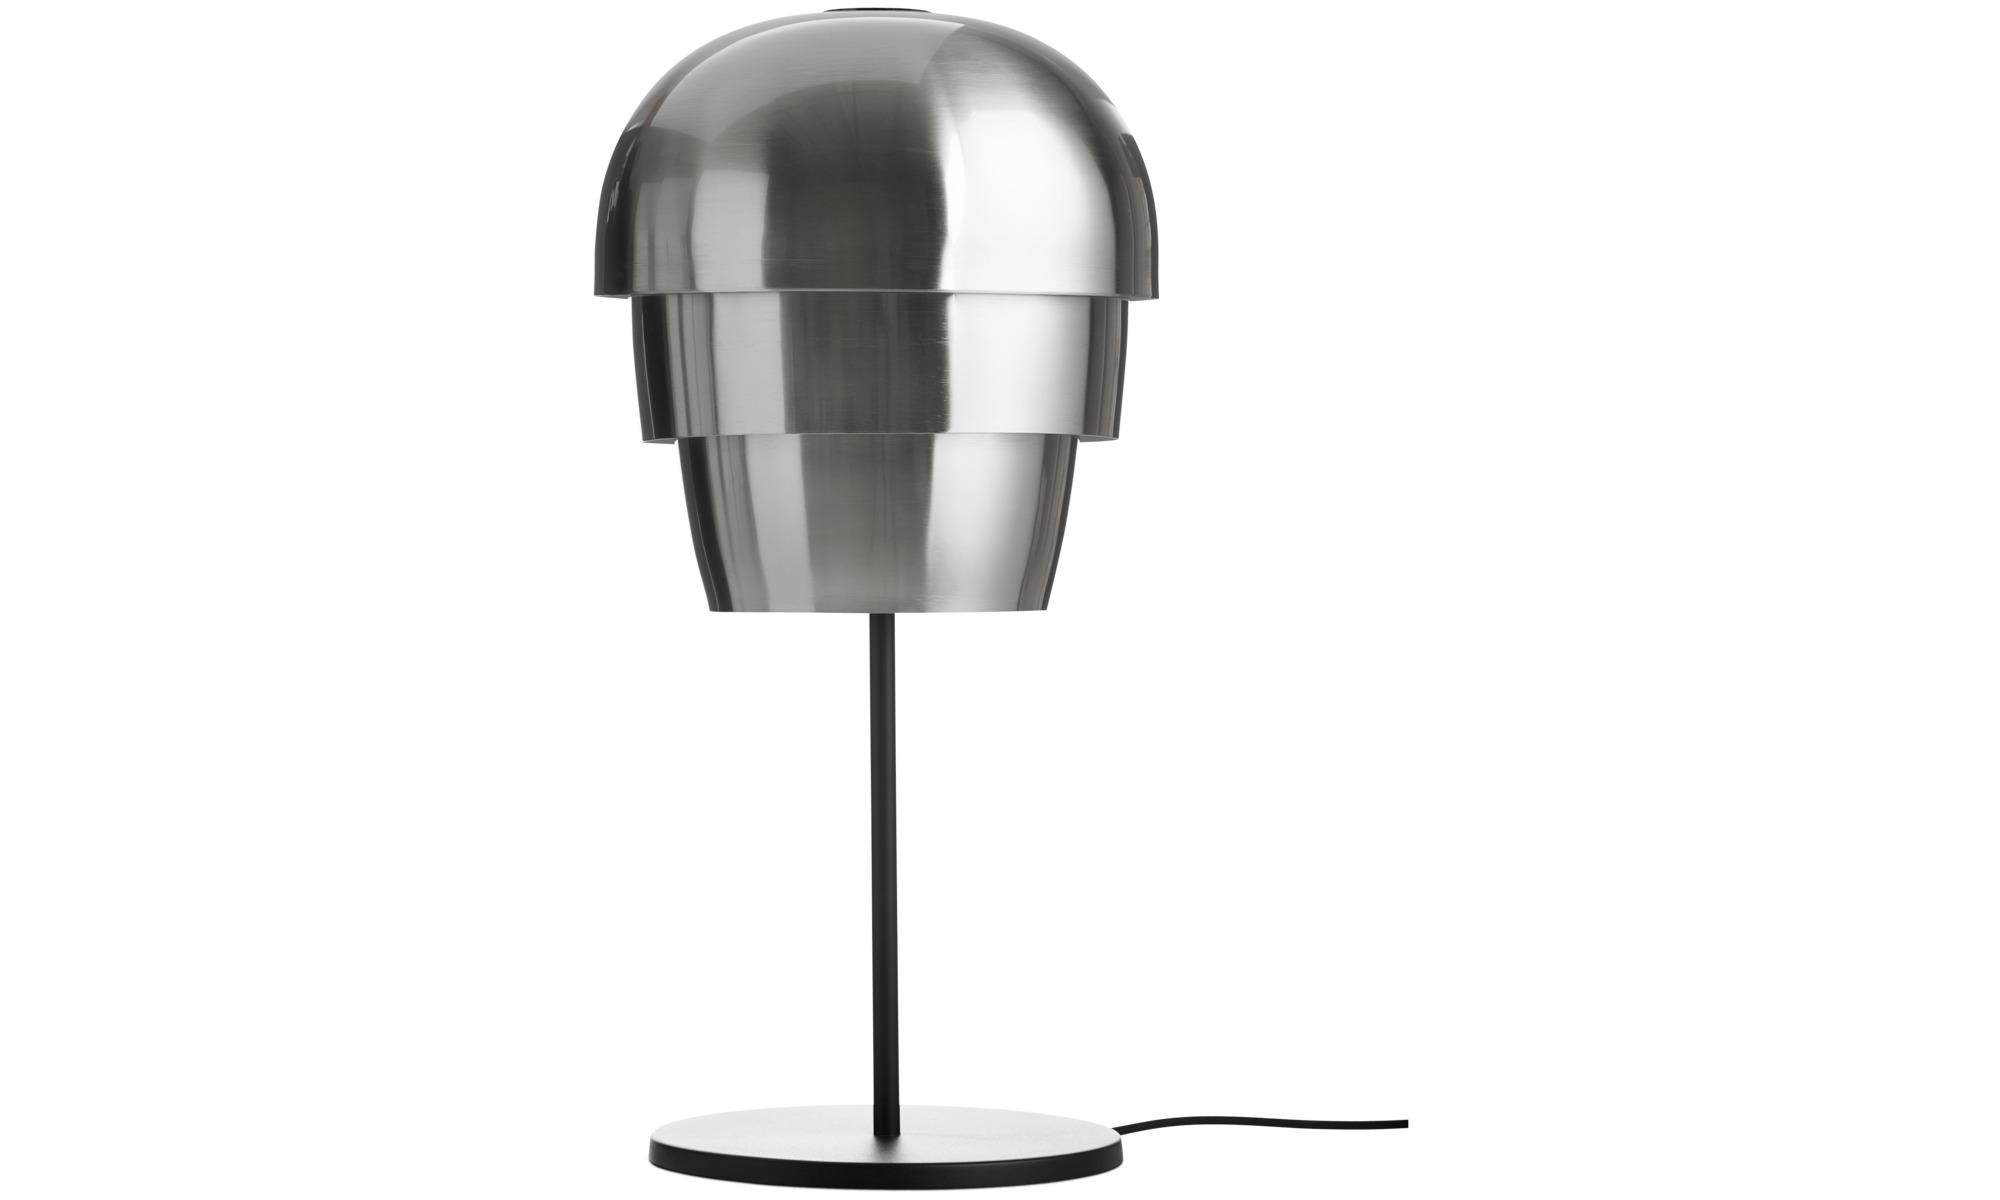 Lampor - Pine cone bordslampa - Svart - Metall